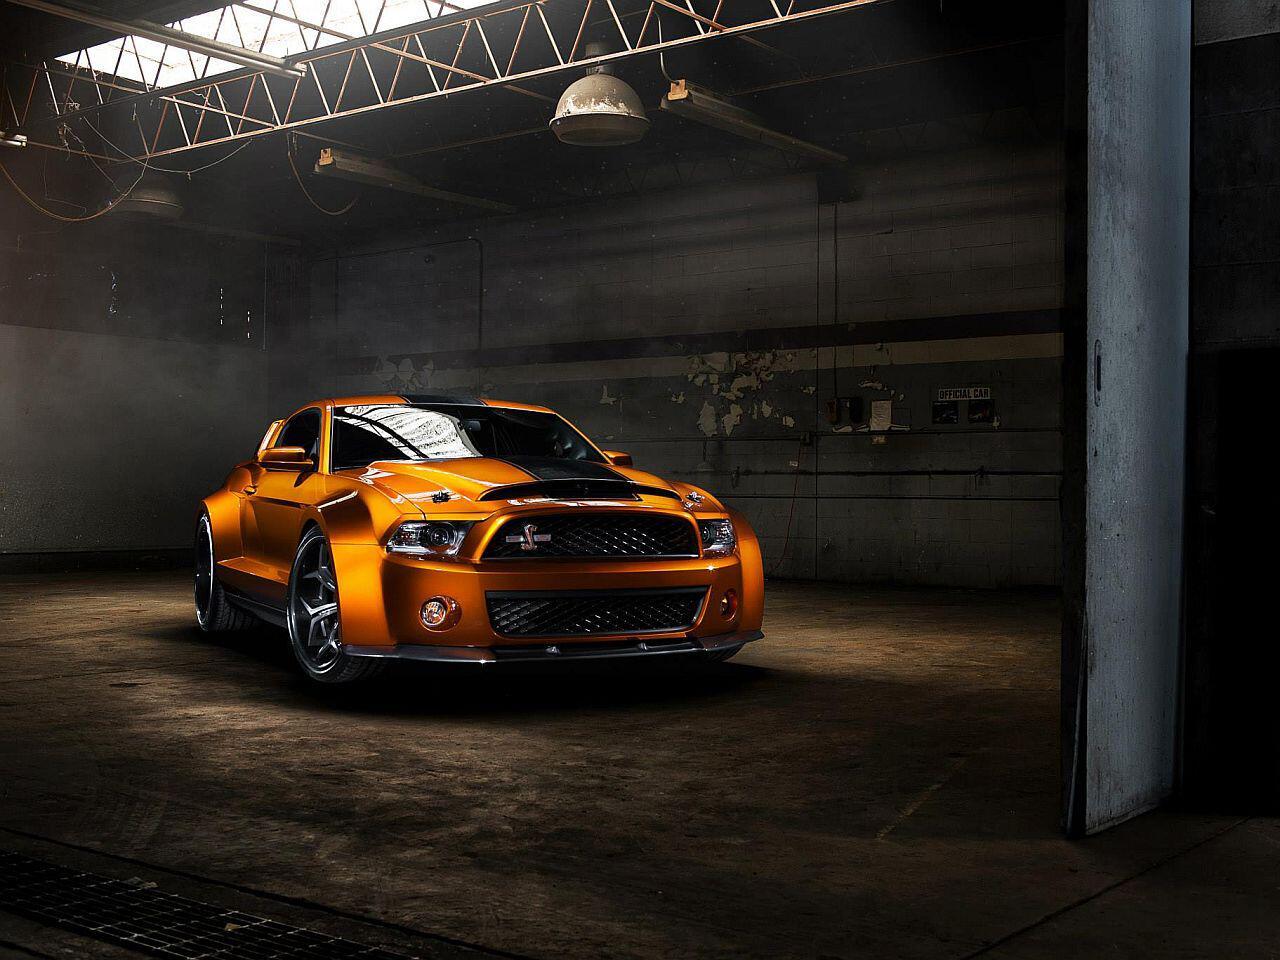 Bild zu Shelby GT500 Super Snake: Ultimate Auto hat beim Muscle Car einen drauf gesetzt